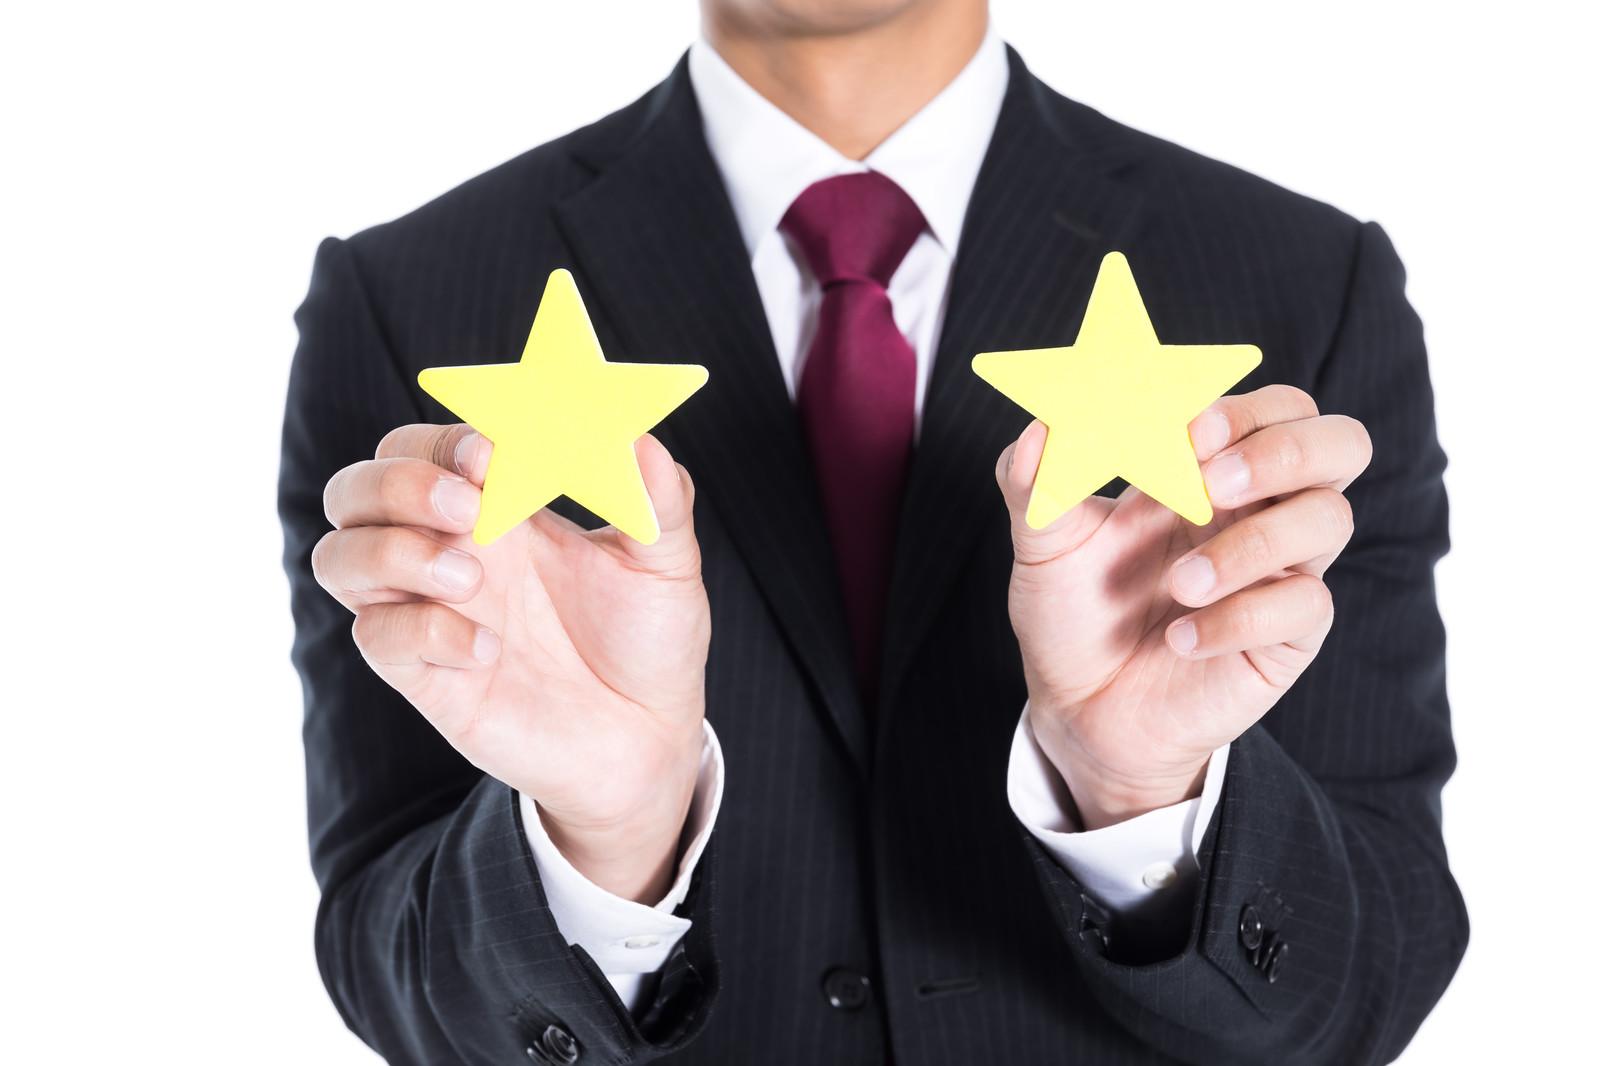 メルカリでの評価と星の数の関係